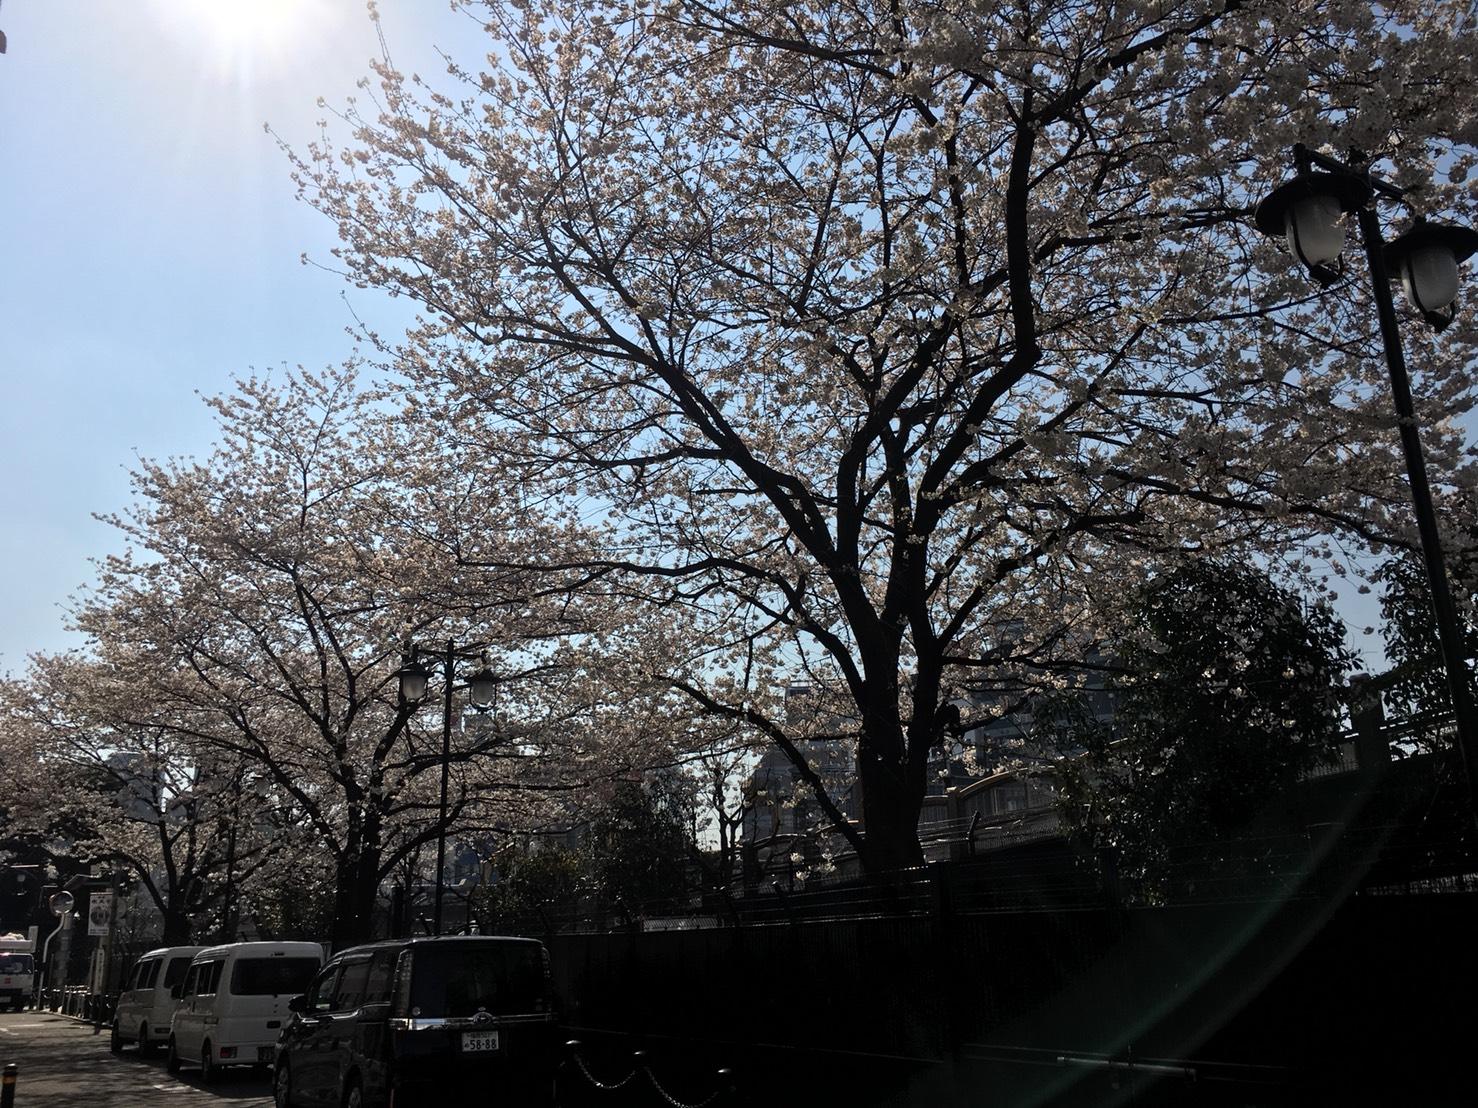 【池袋駅】春爛漫!公園まわって桜を見に行こう!池袋東口の満開公園お花見散歩コース。の池袋駅前公園1